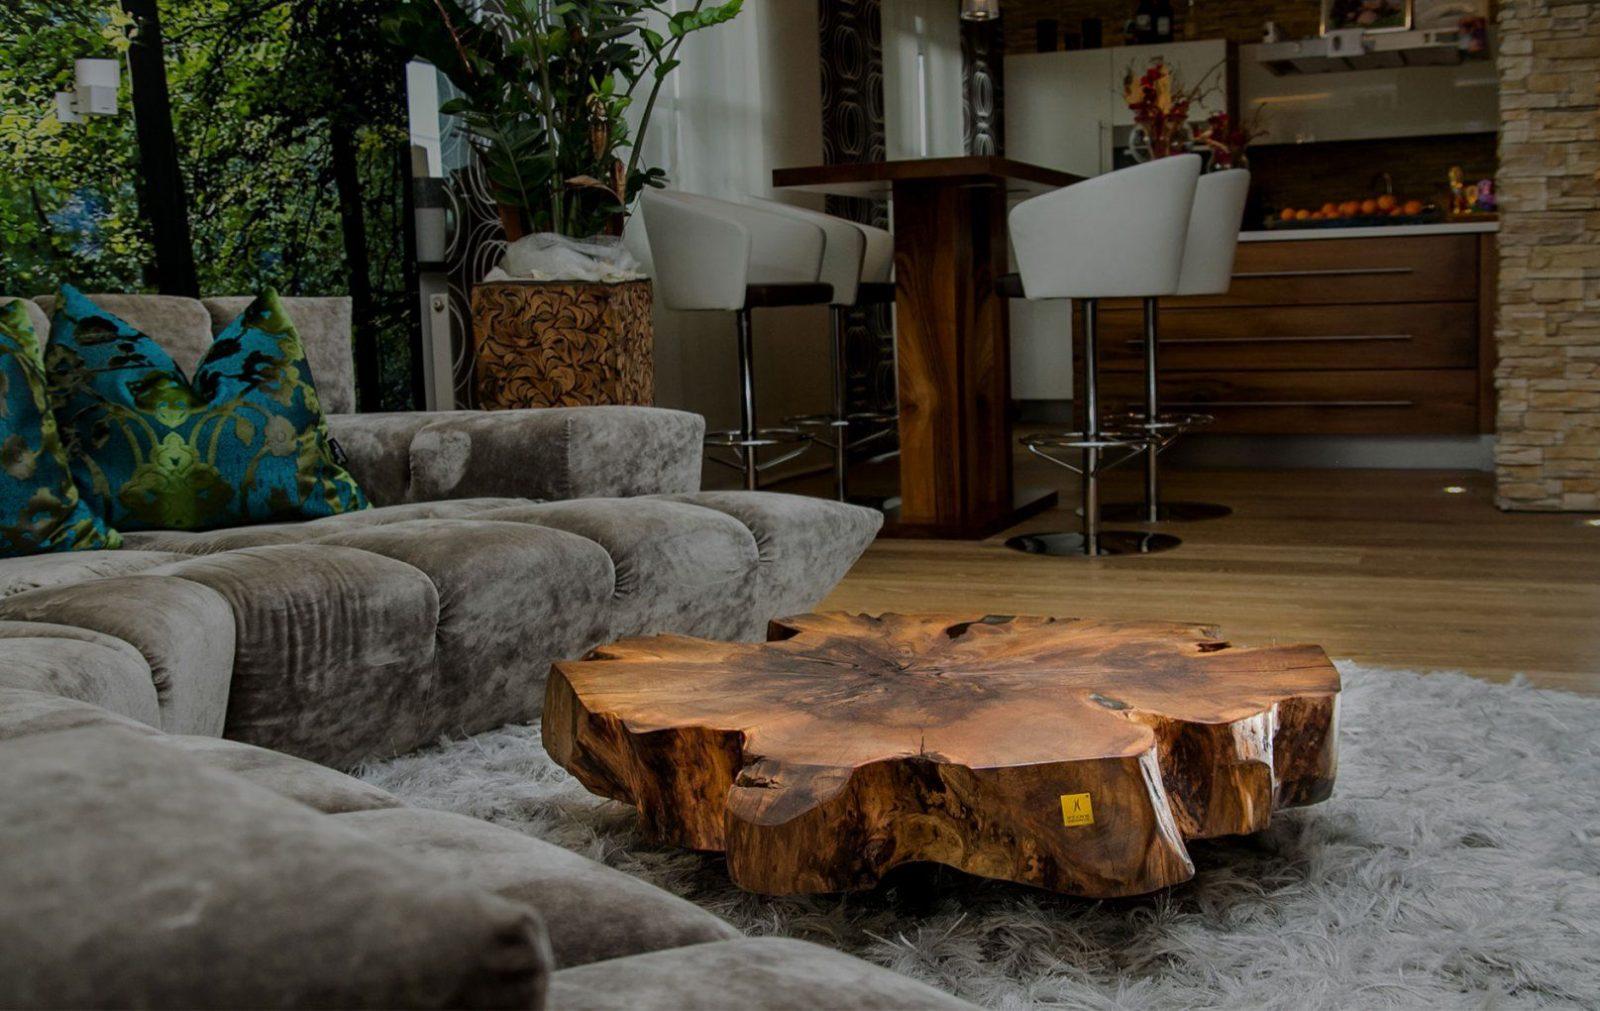 Anmutig Couchtisch Baumscheibe Selber Bauen Hohe Auflösung Wallpaper von Tisch Baumscheibe Selber Bauen Photo